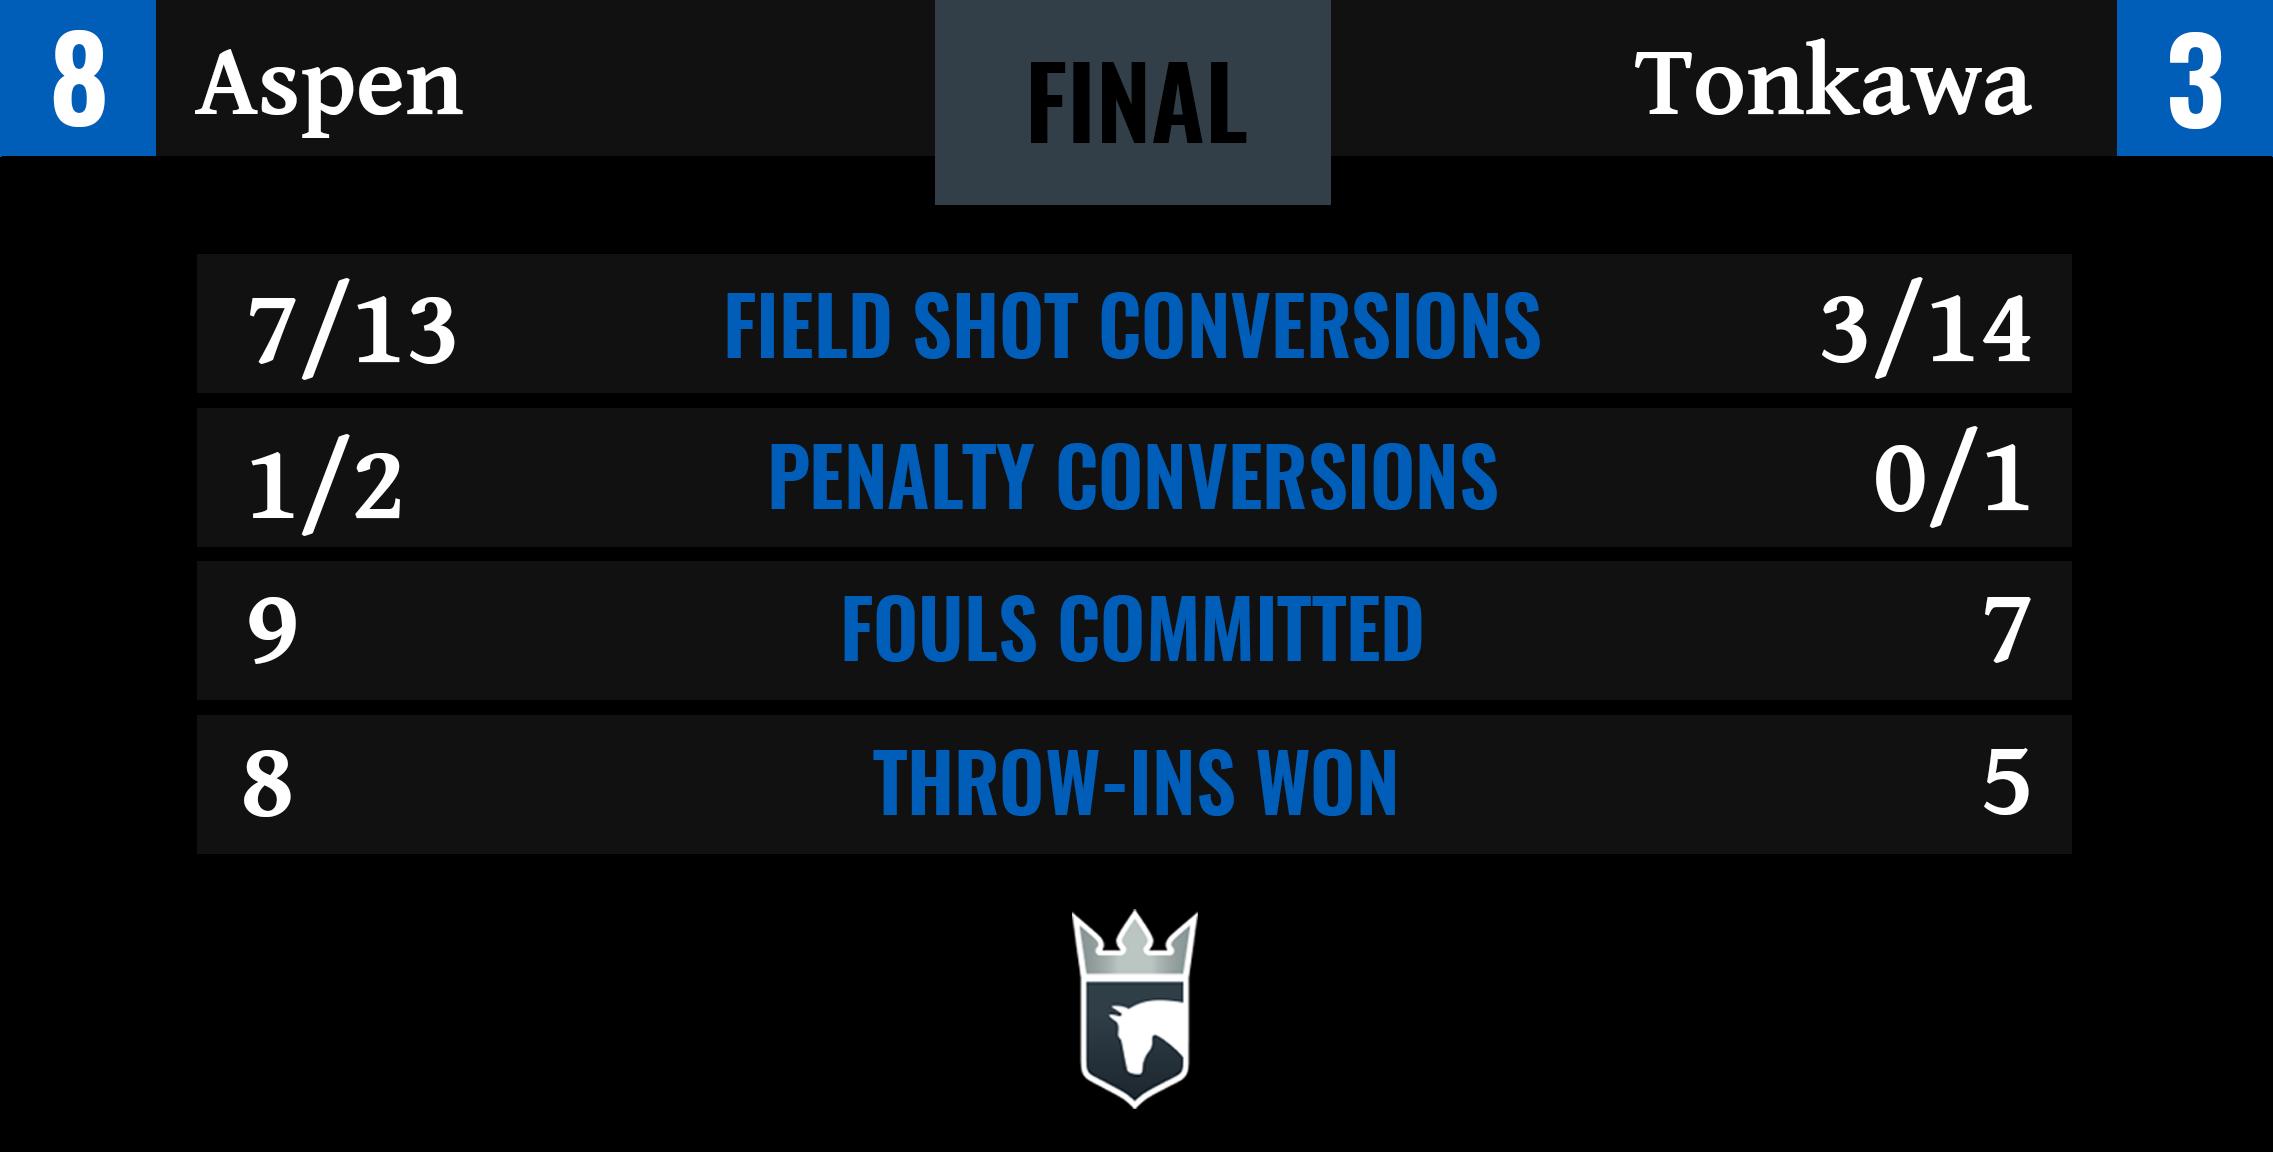 Aspen vs Tonkawa Final Stats